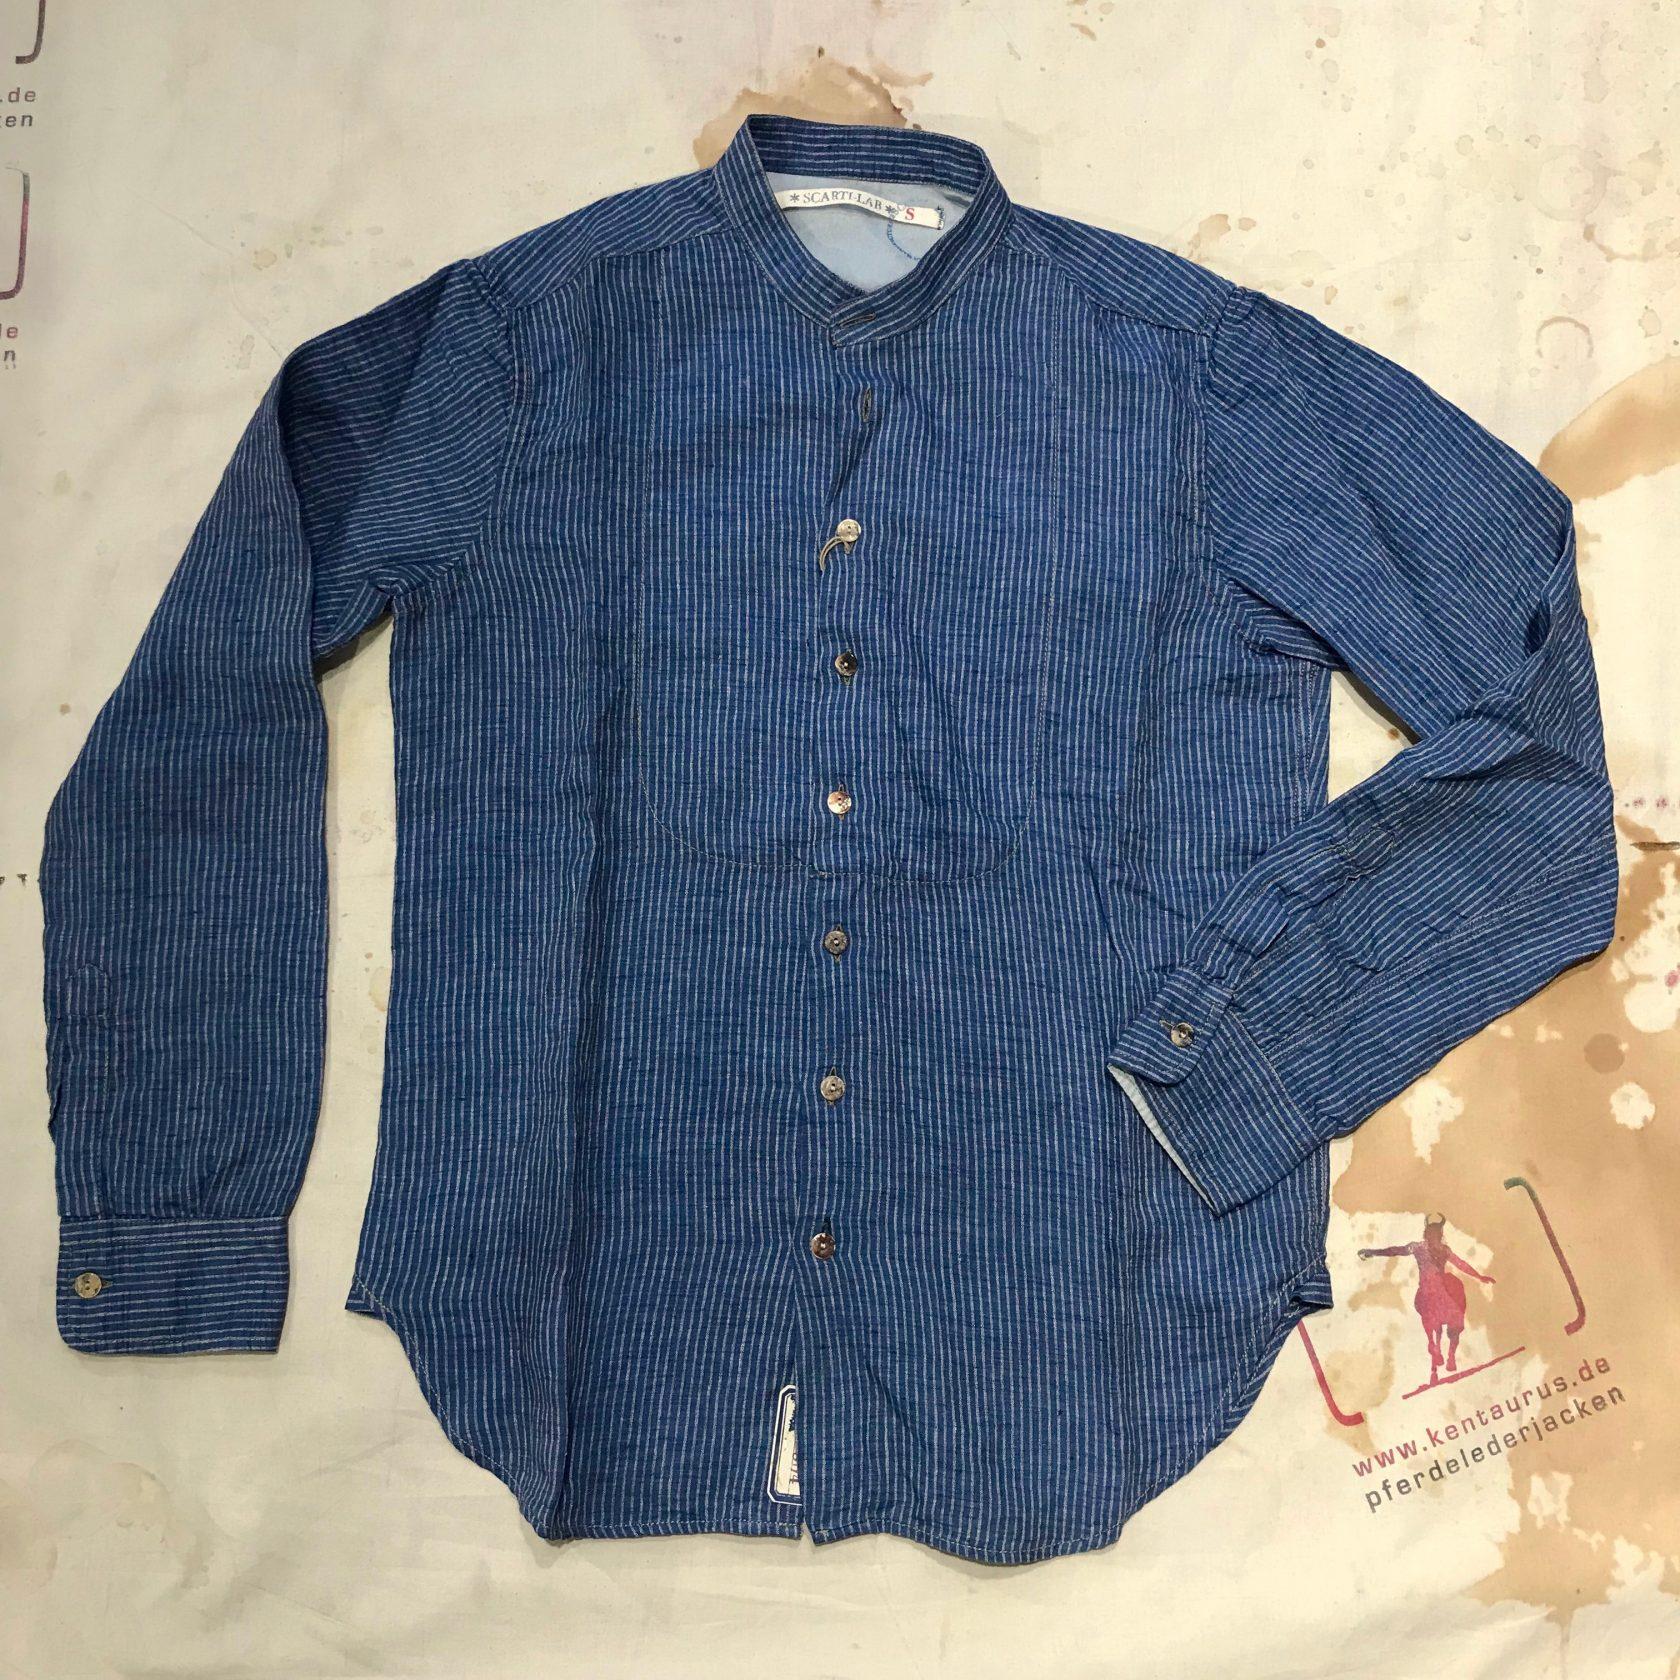 Scartilab 100% linen stand collar shirt